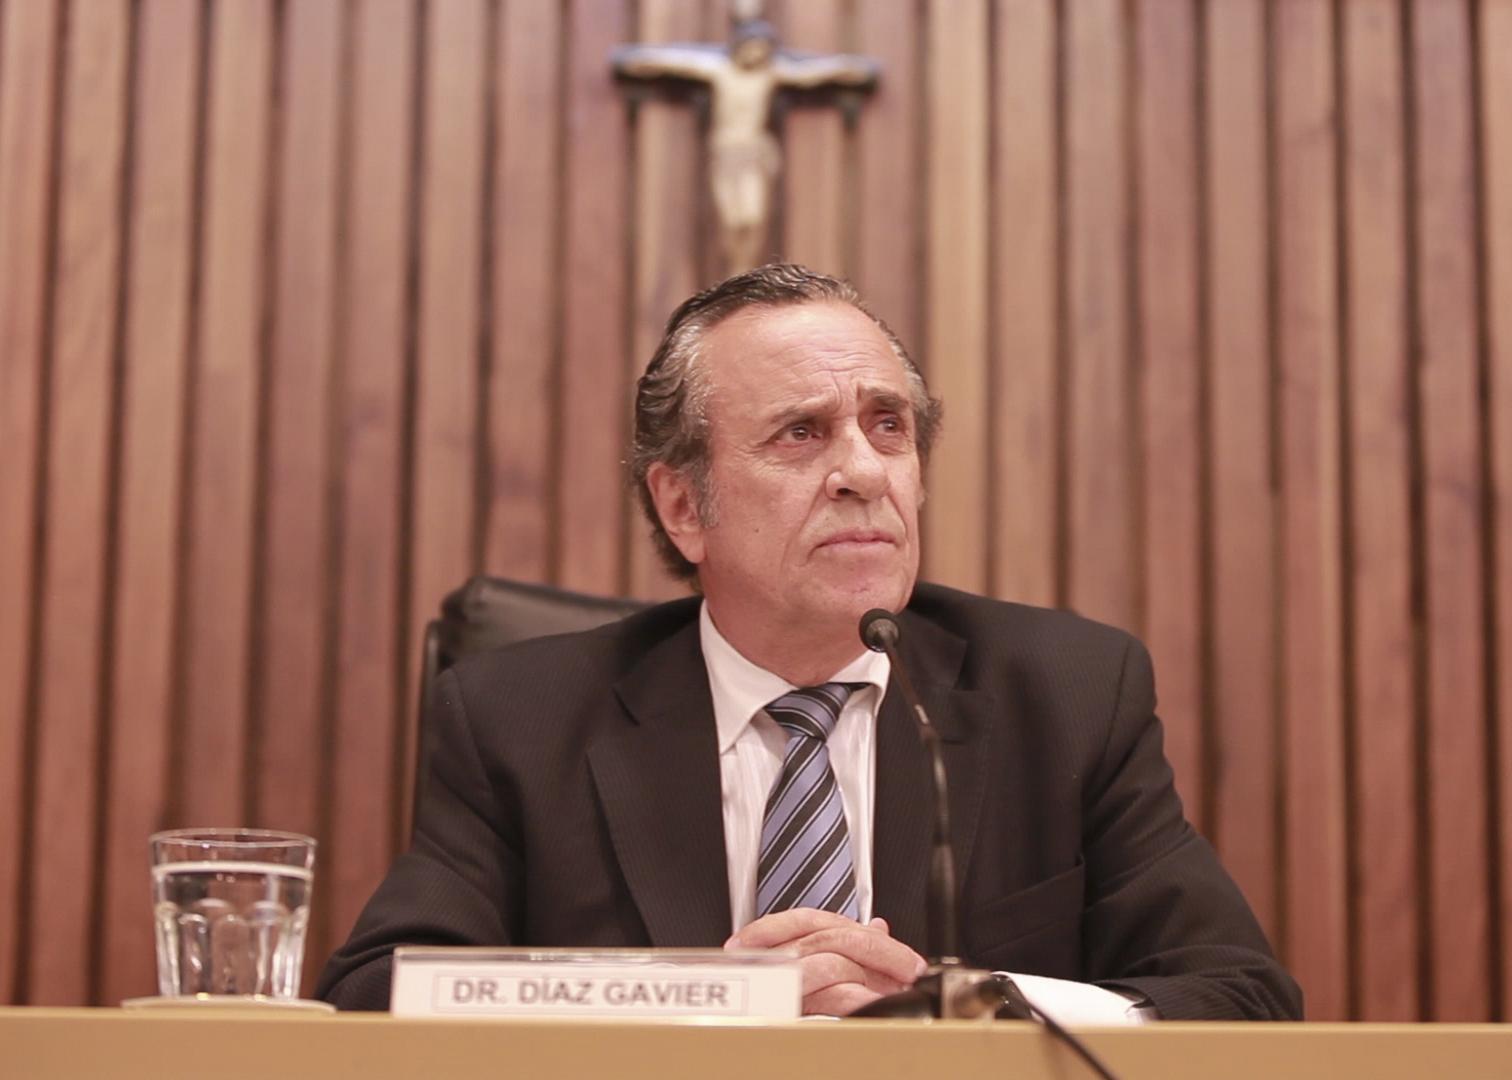 La Sentencia Jaime Diaz Gavier